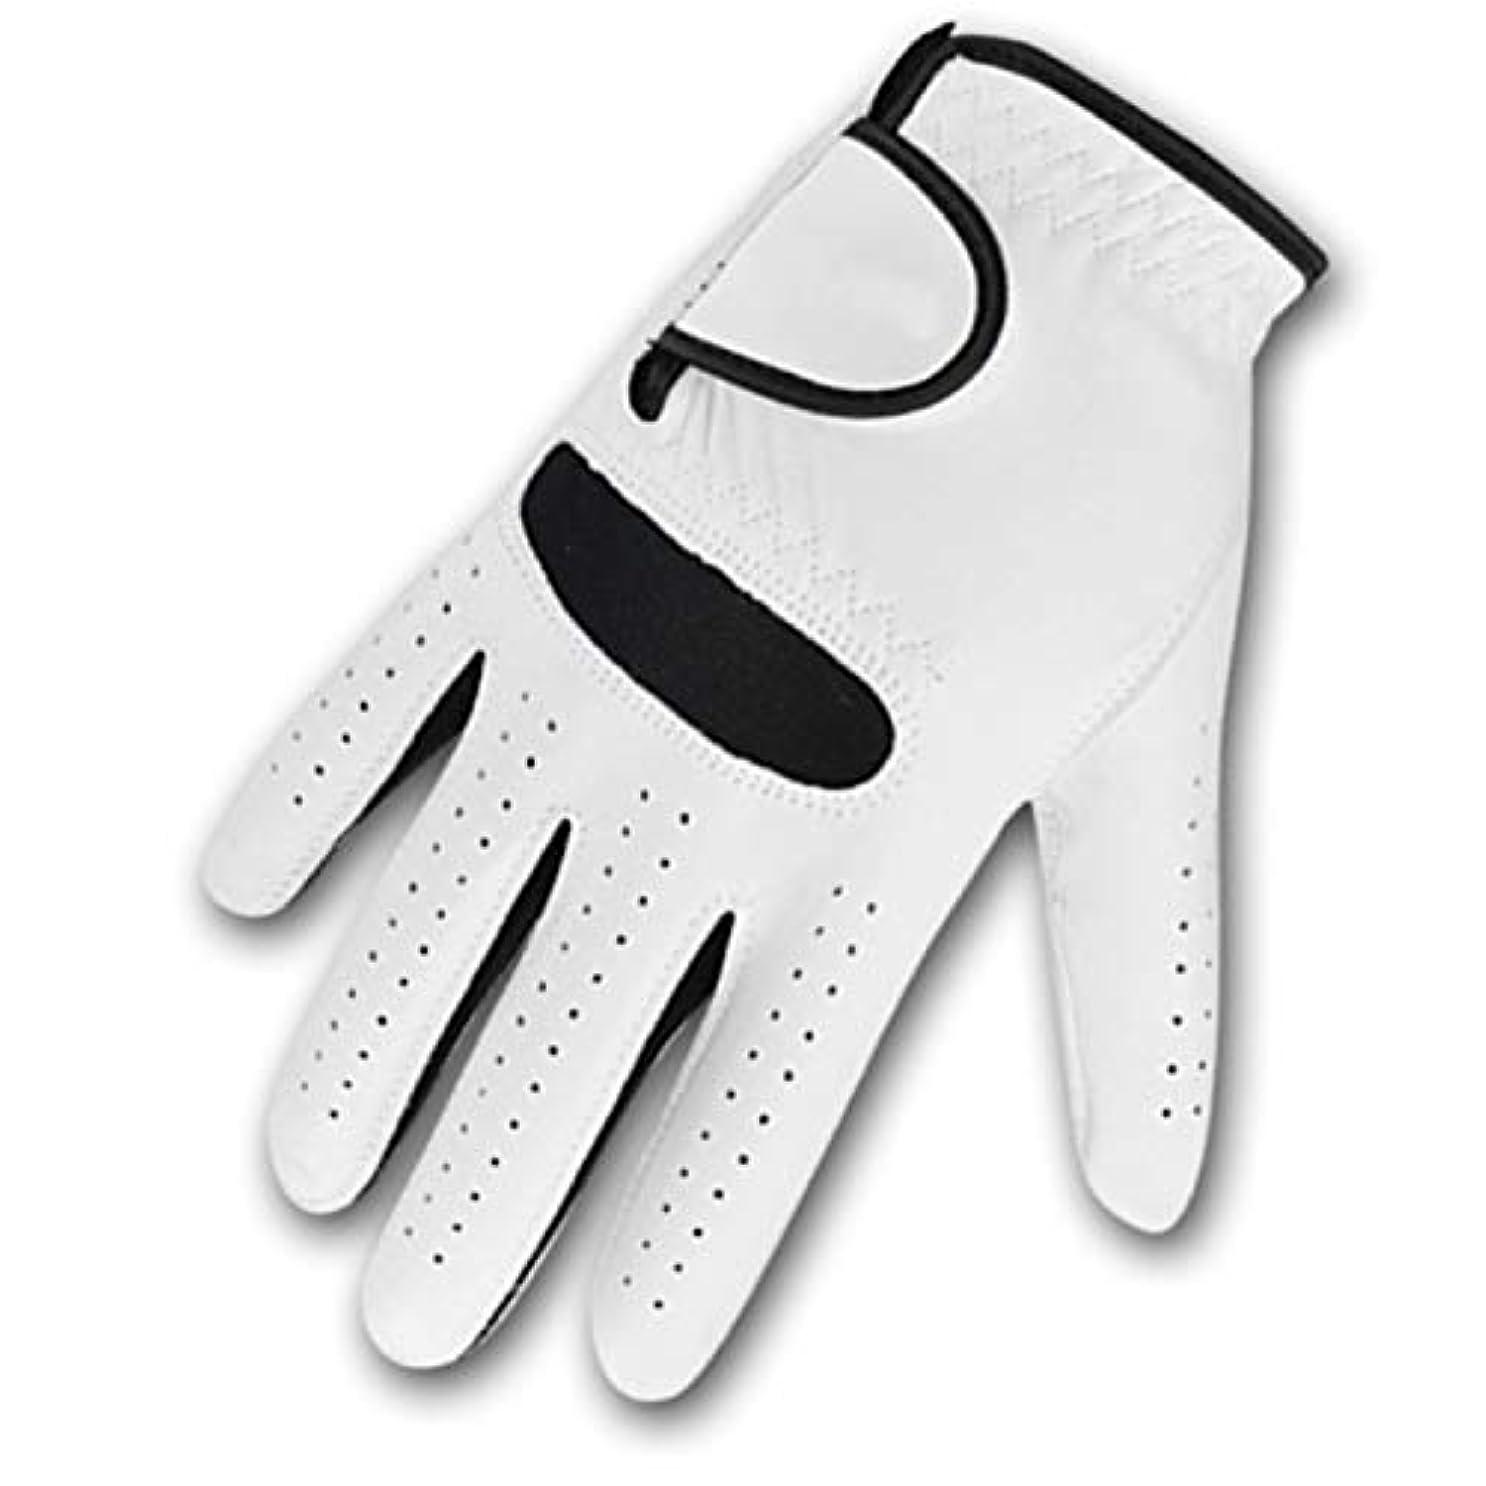 不承認広告主嫌がらせBAJIMI 手袋 グローブ レディース/メンズ ハンド ケア シンプルなメンズゴルフグローブ滑り止めグローブは手を保護します 裏起毛 おしゃれ 手触りが良い 運転 耐磨耗性 換気性